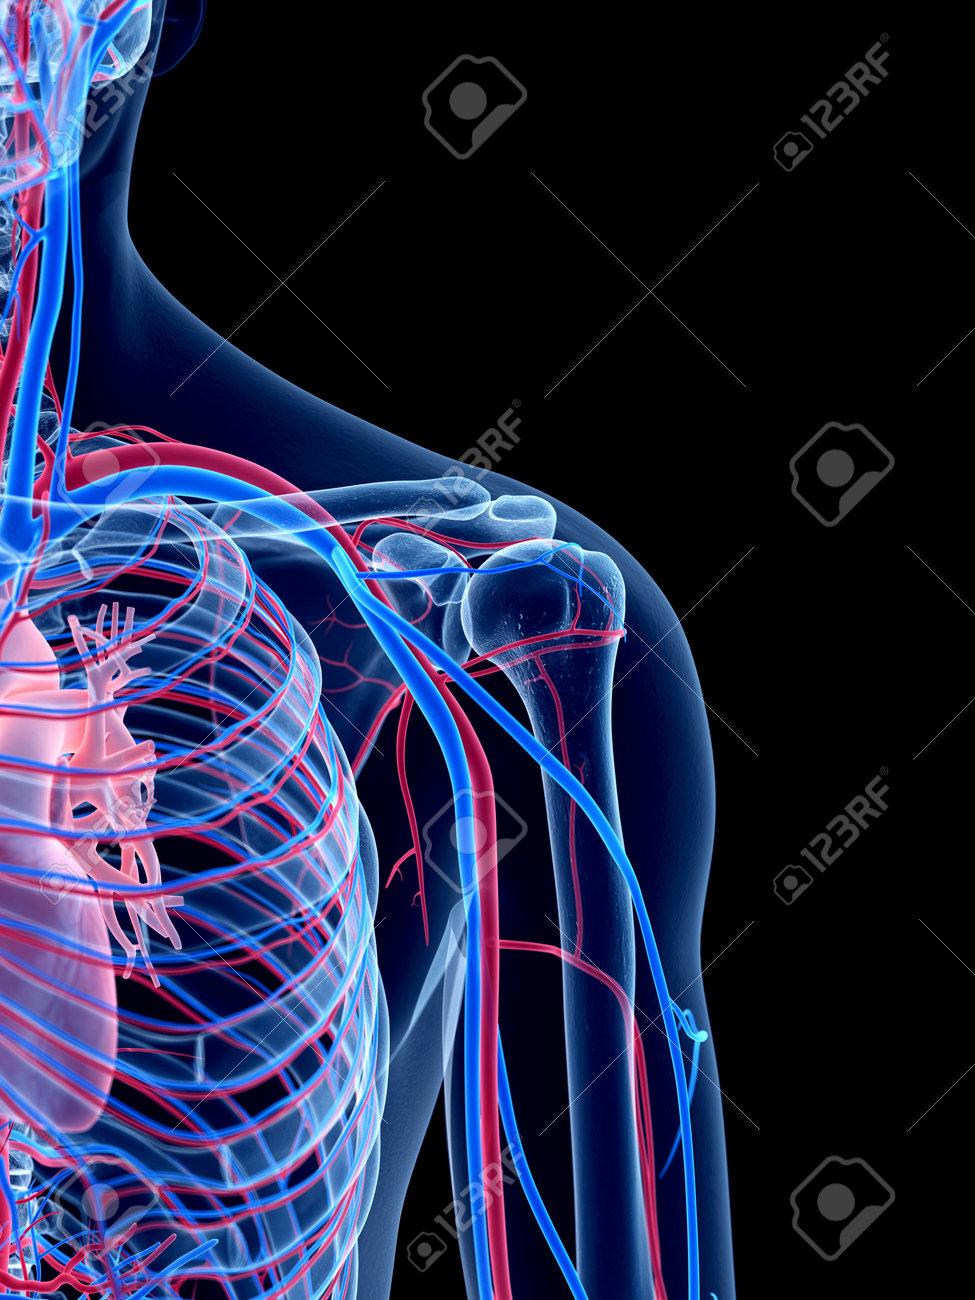 Das Menschliche Gefäßsystem - Die Schulter Lizenzfreie Fotos, Bilder ...